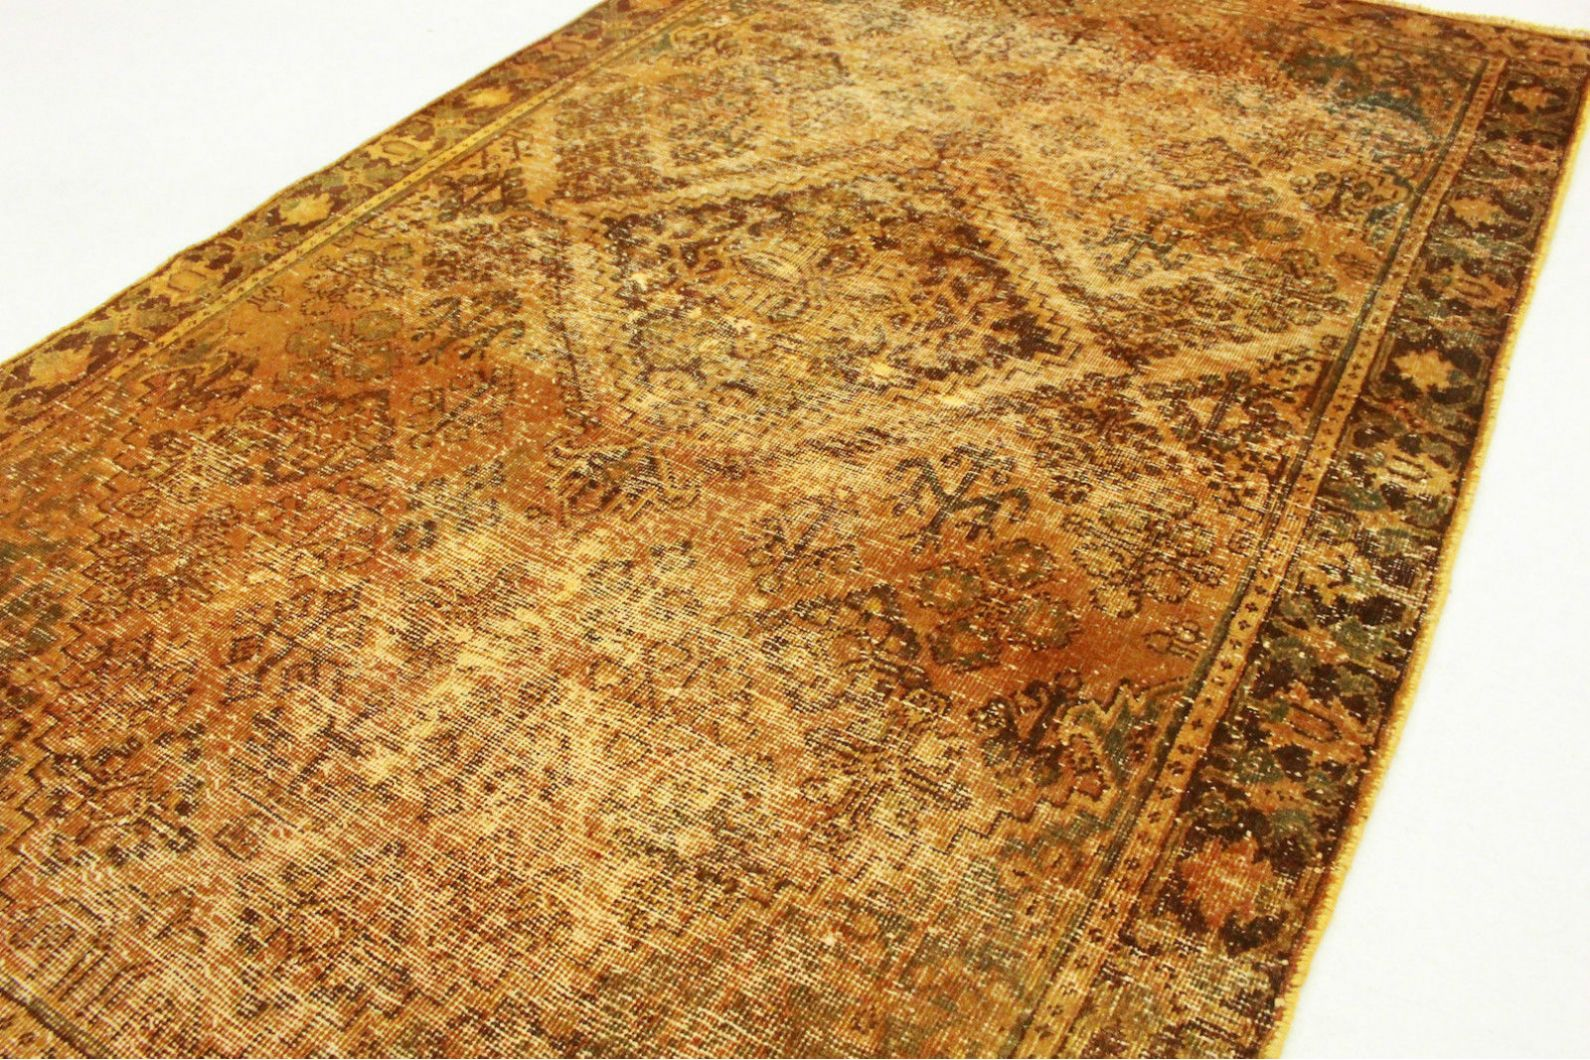 vintage teppich orange braun in 190x120cm 1001 3424 bei kaufen. Black Bedroom Furniture Sets. Home Design Ideas